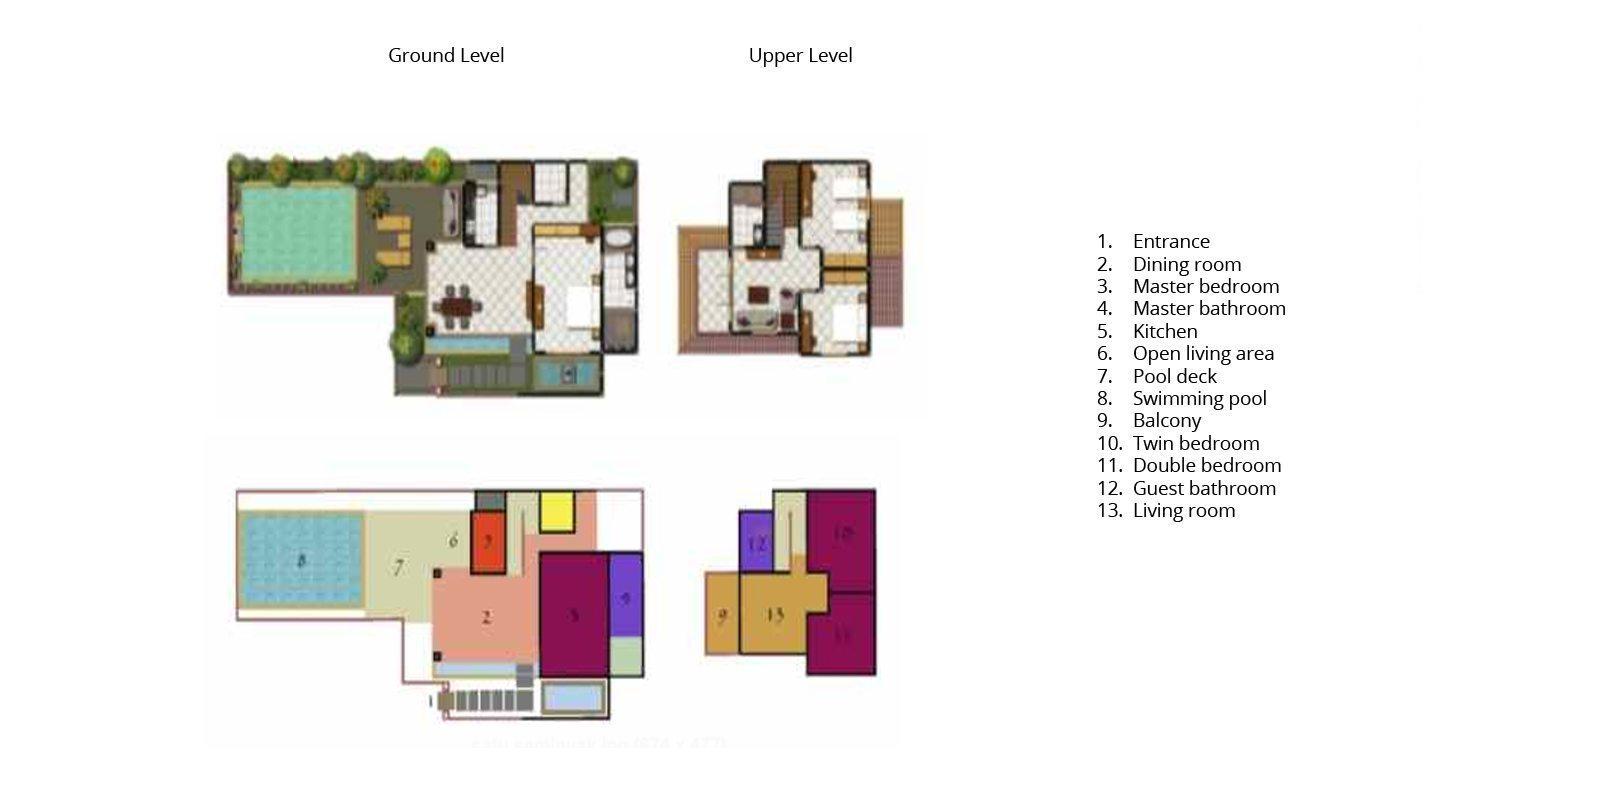 Villa Seriska Satu Seminyak Floorplan   Seminyak, Bali